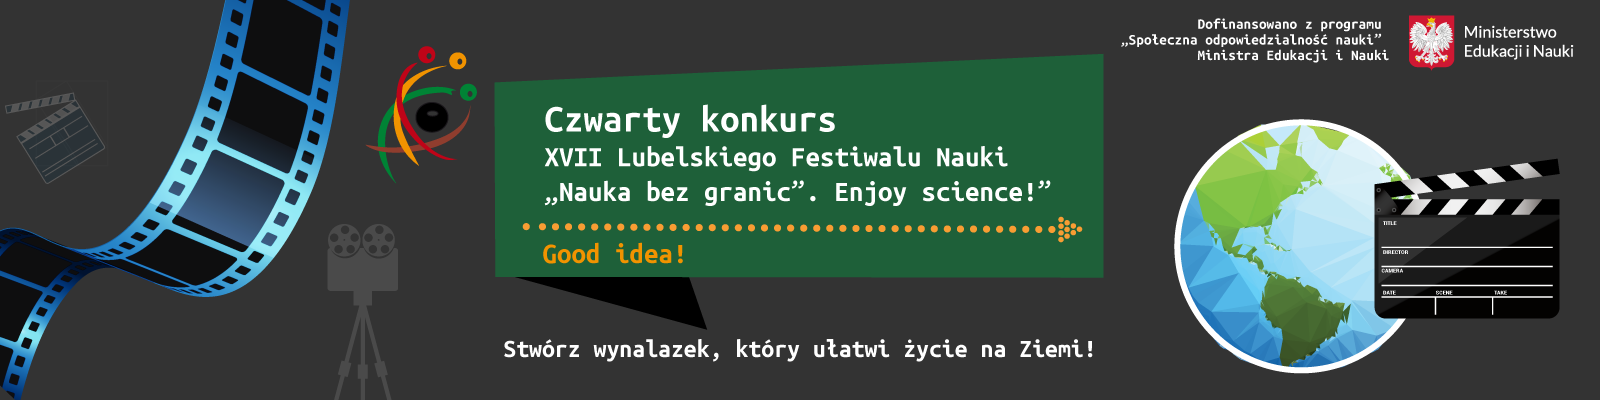 IV Konkurs LFN - Good idea!